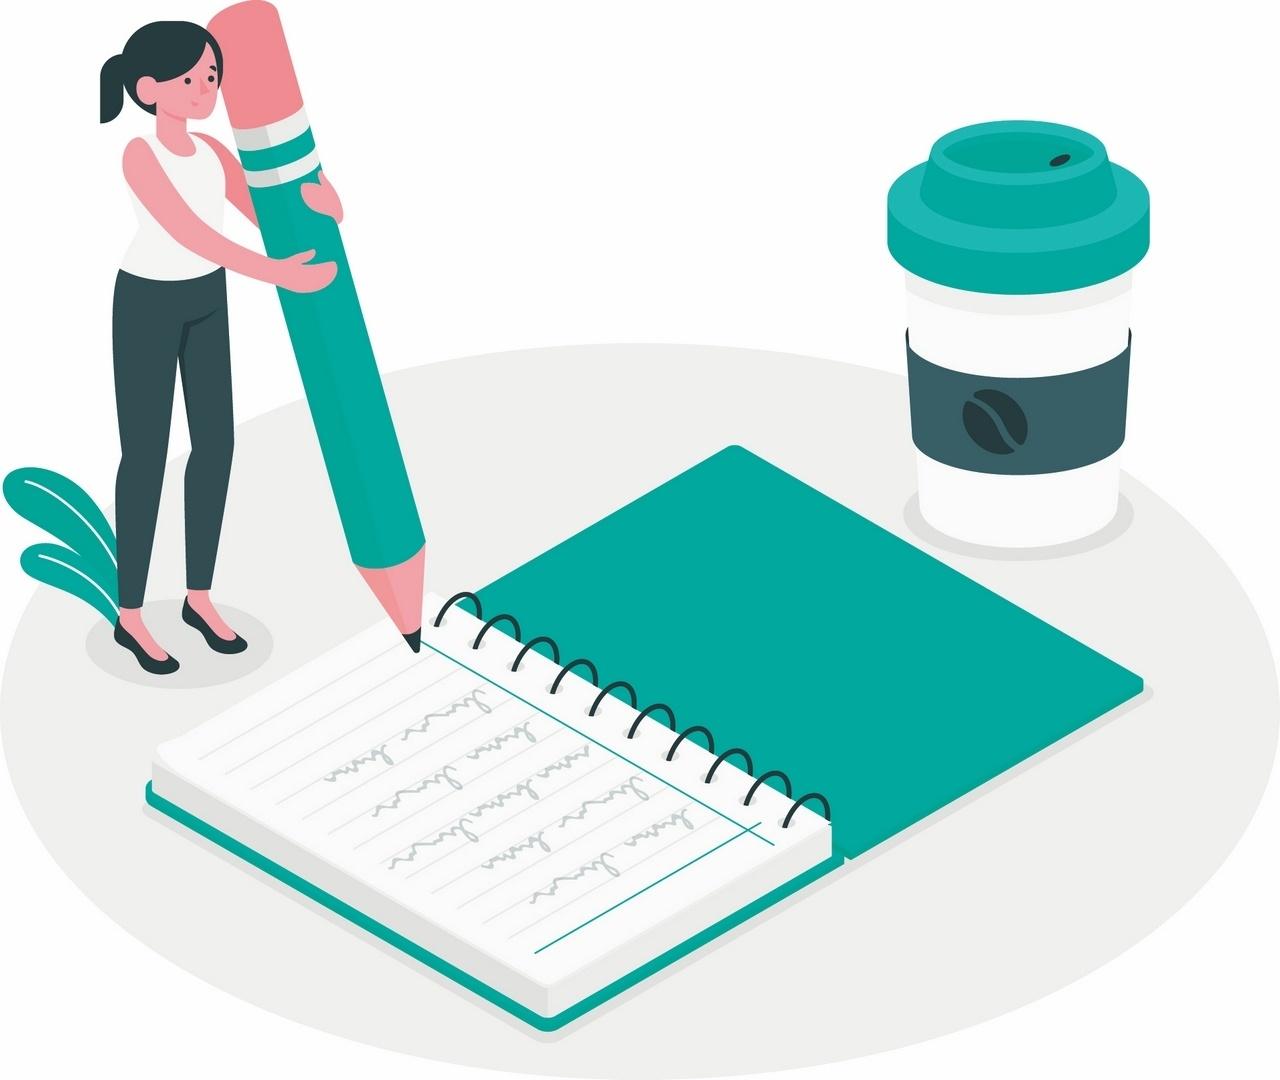 La méthode du journaling pour comprendre les bases de l'introspection personnelle